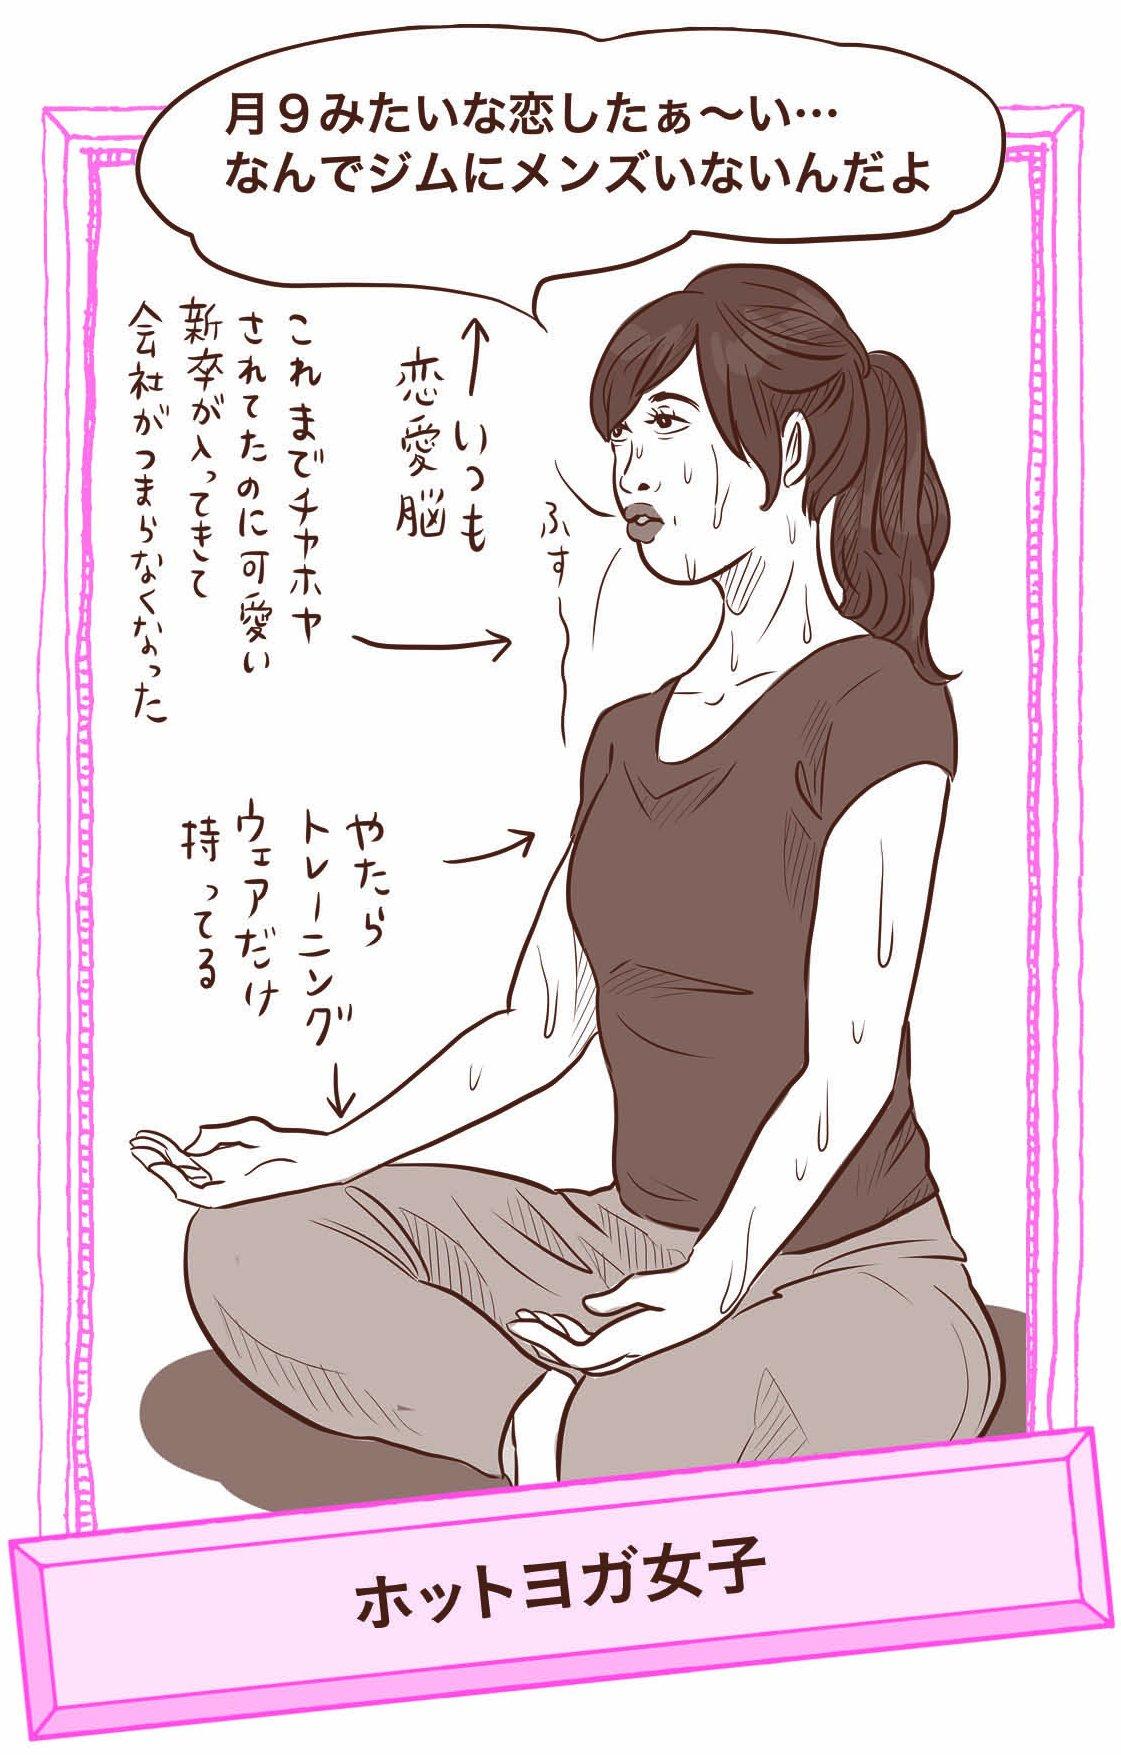 『糖質をやめられないオトナ女子のためのヤセ方図鑑』ビジュアル資料